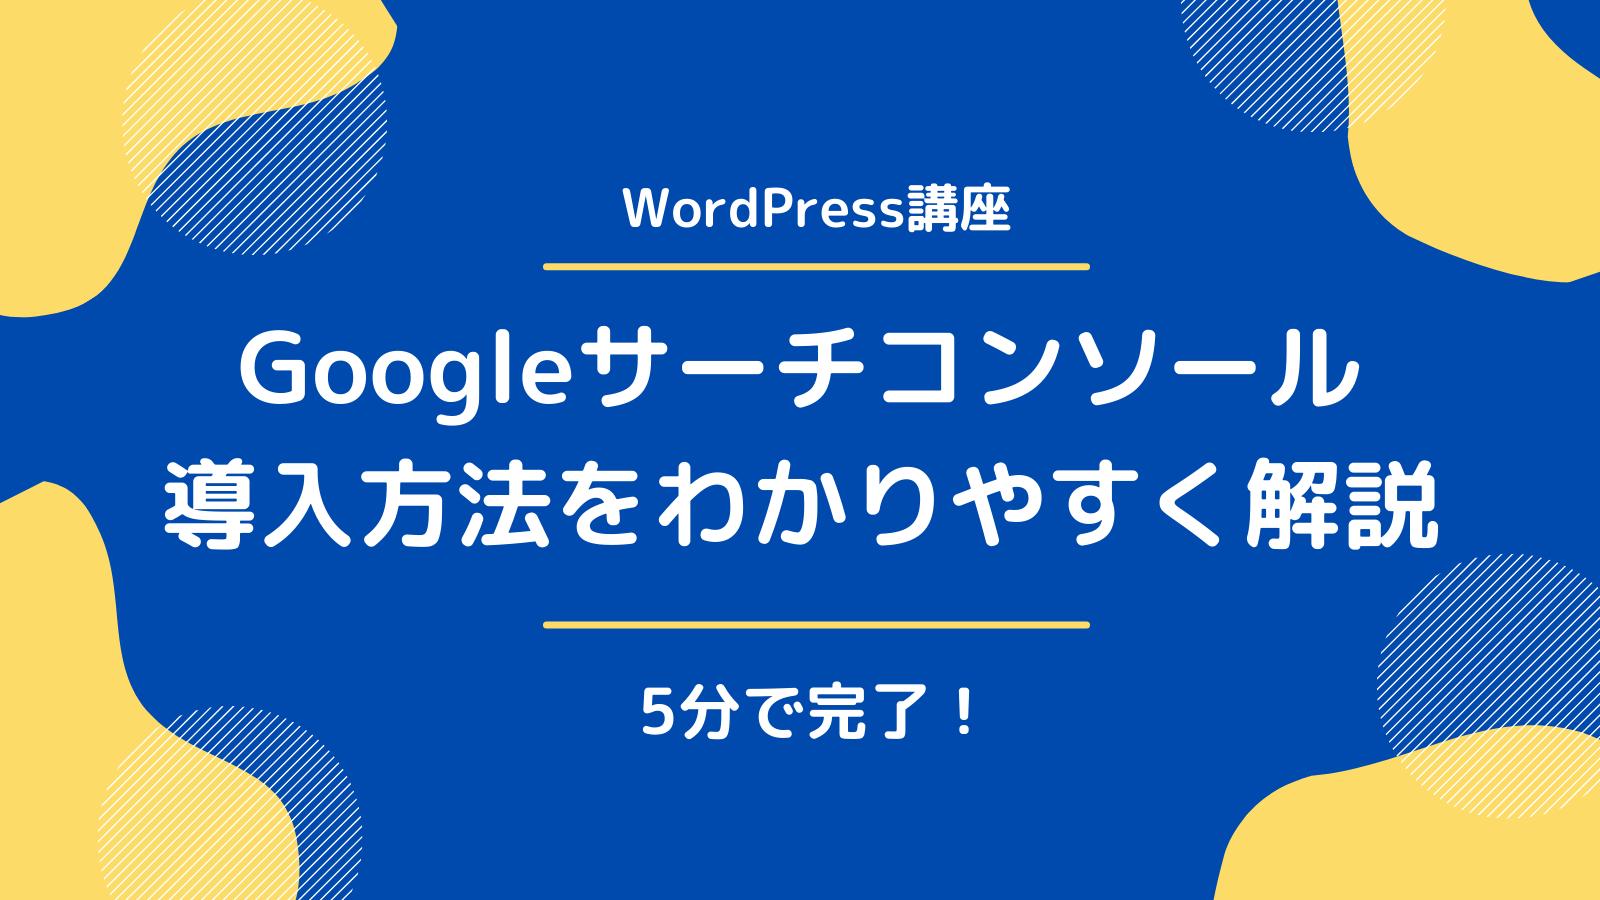 【5分】ブログにサーチコンソールを設定する方法【WordPress初心者向け】